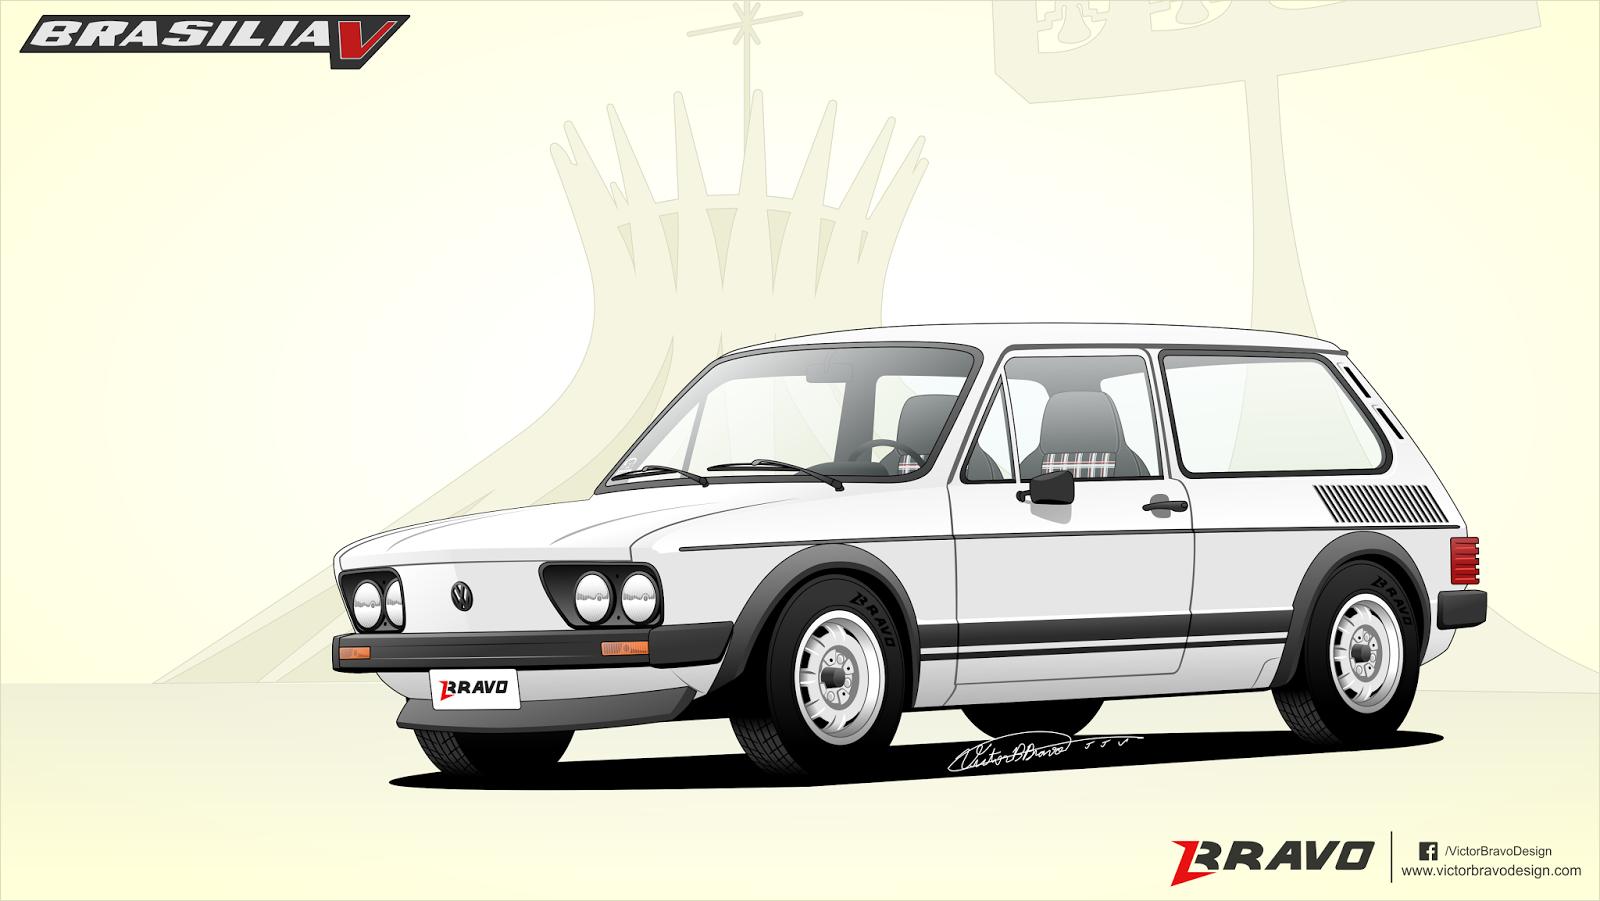 Imagem mostrando o desenho do Volkswagen Brasilia ''V''